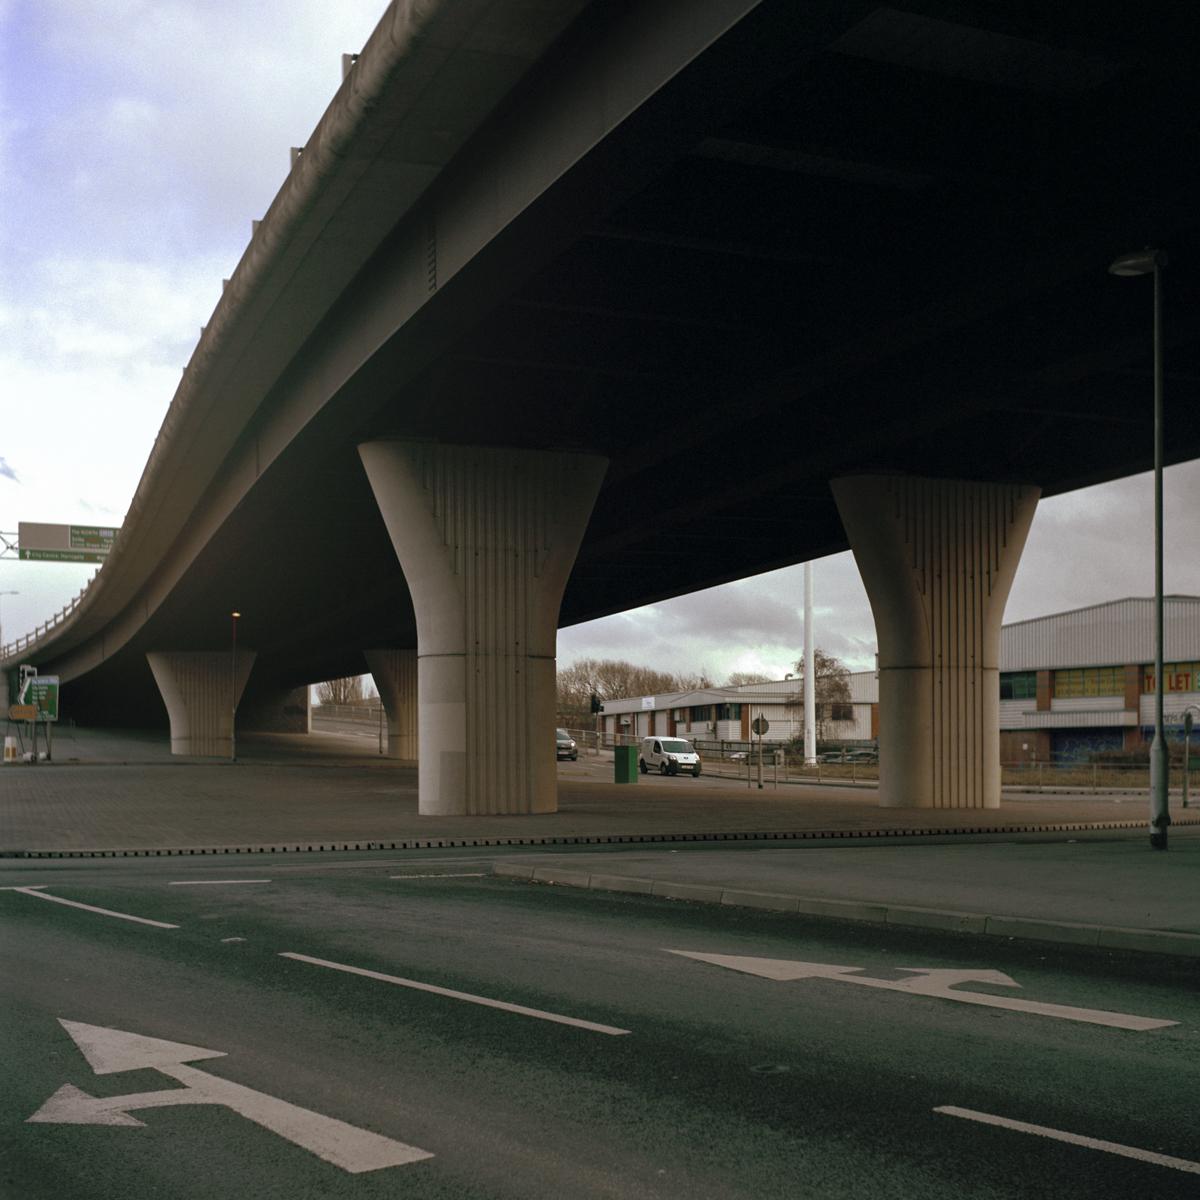 LeedsOverpassReColour.jpg